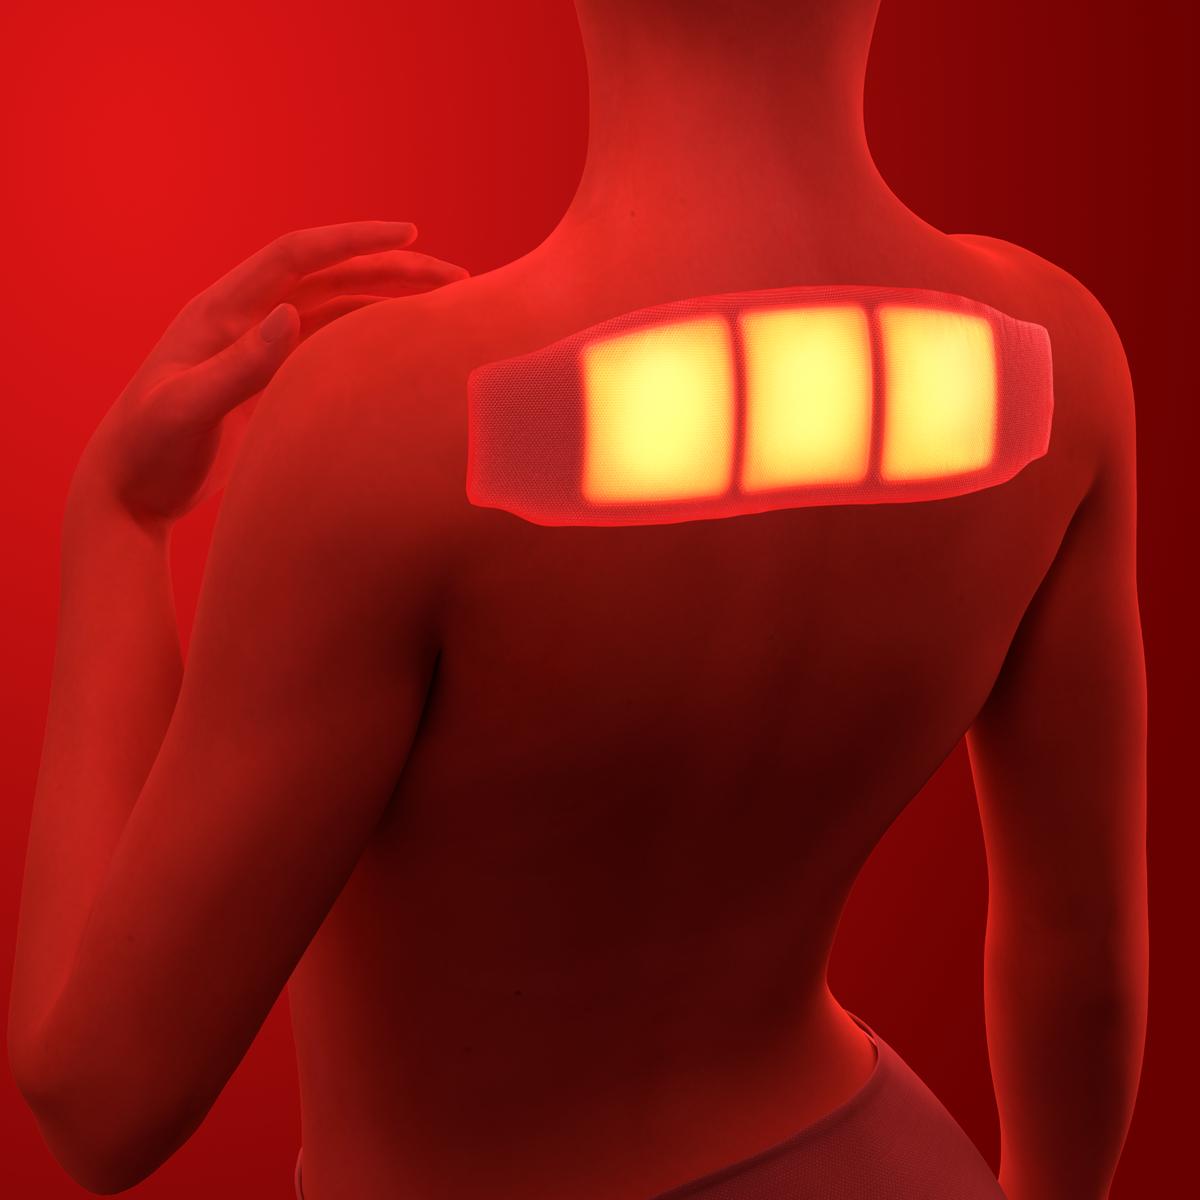 Shoulder / Neck warmer